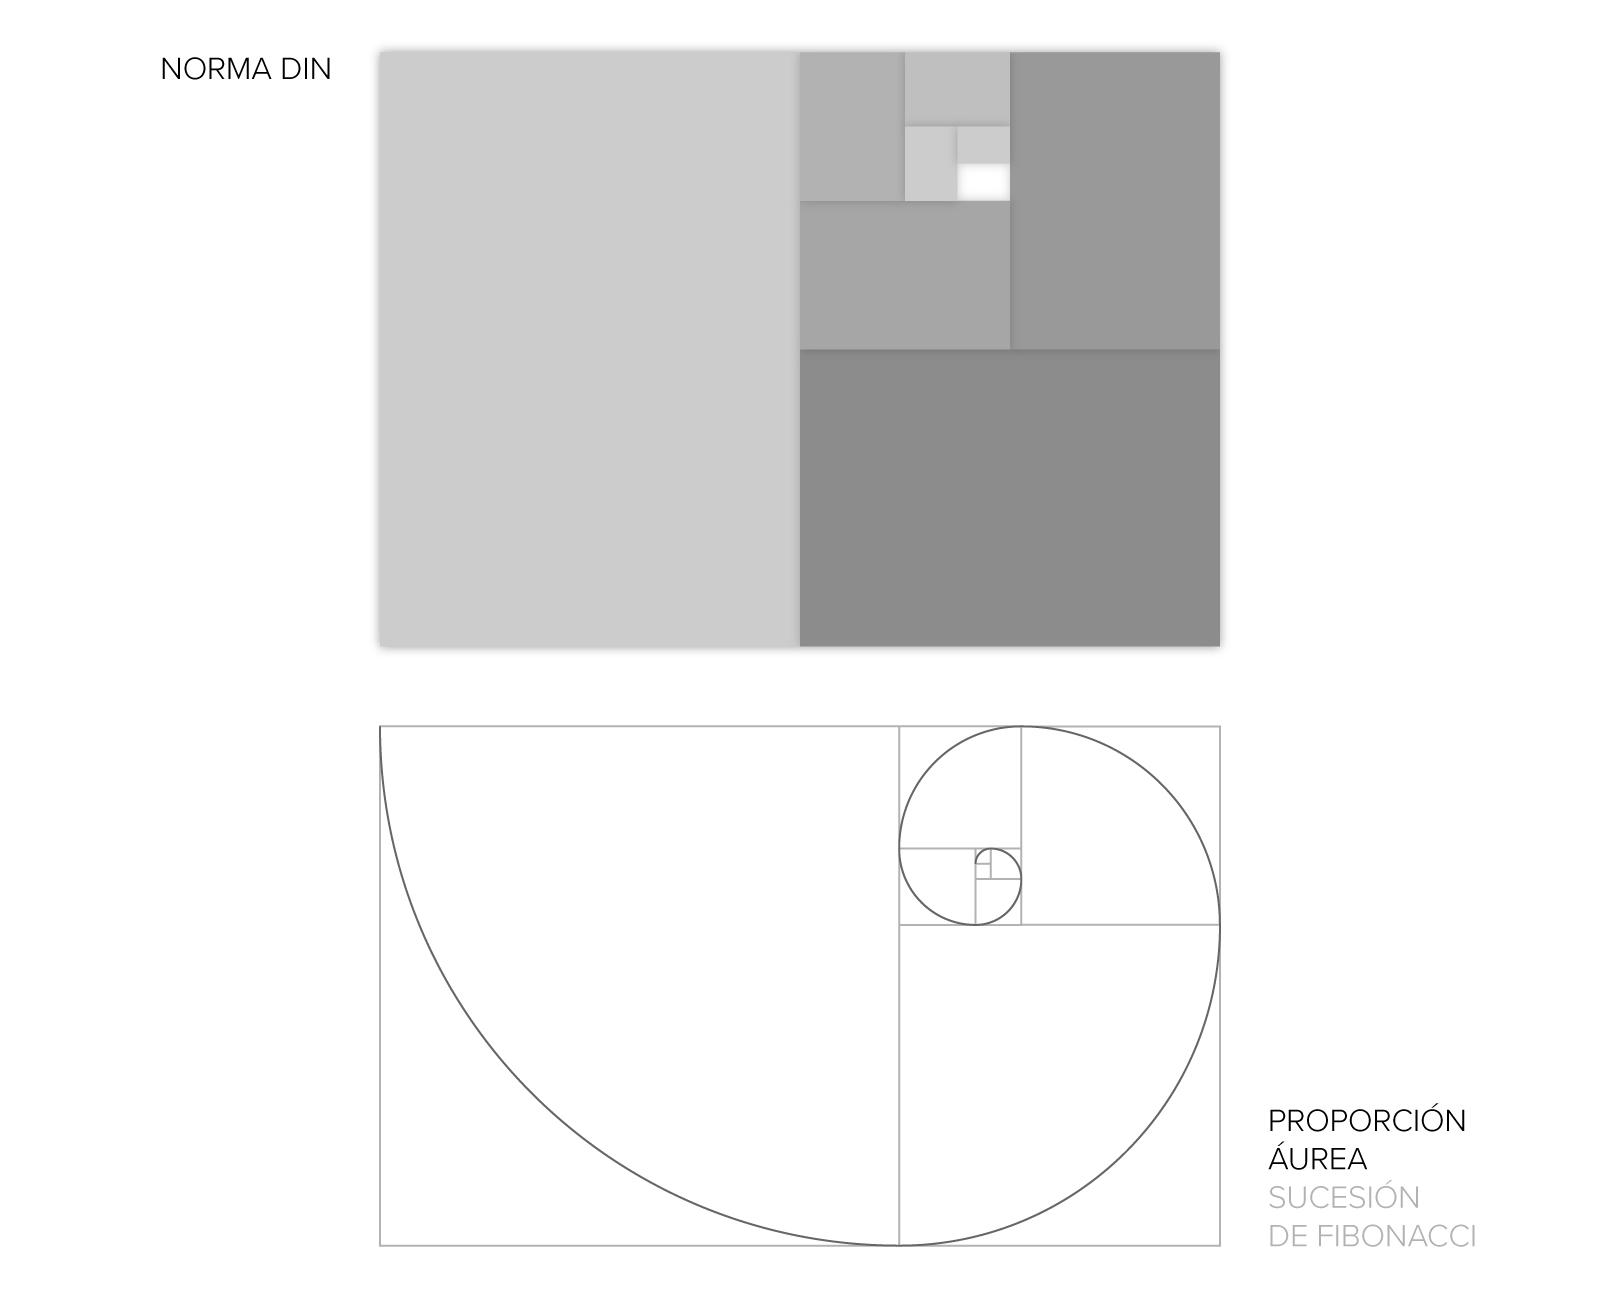 Comparativa fibonacci aurea DIN